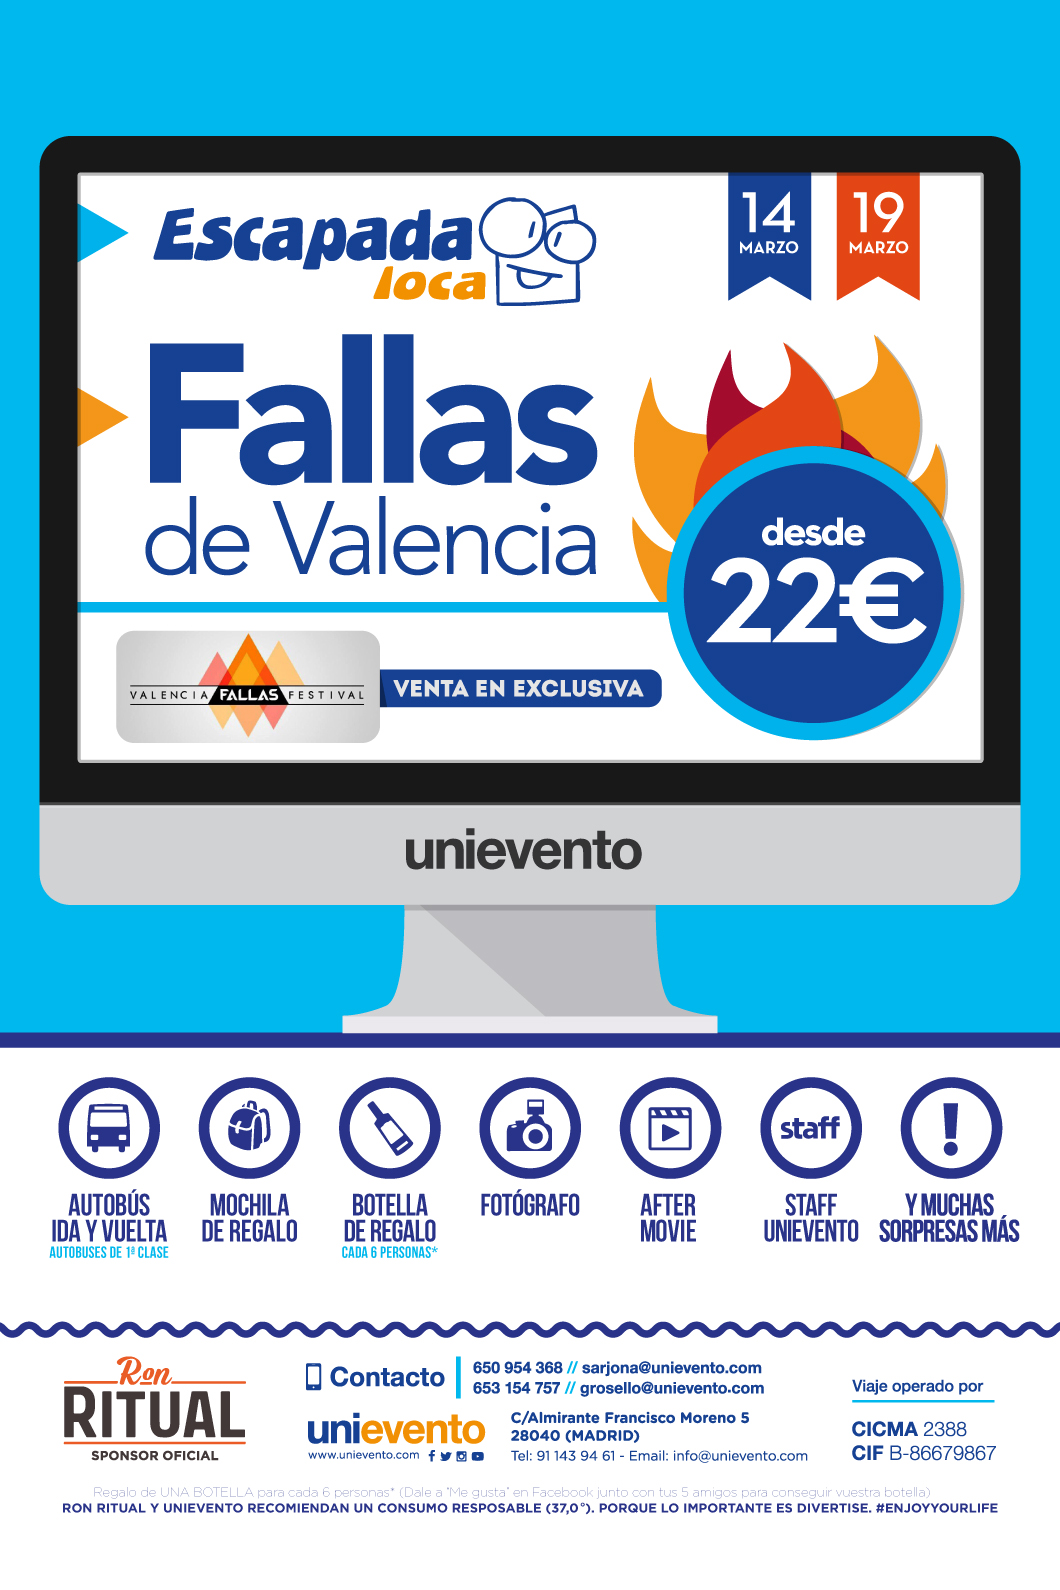 fallas-valencia_escapadaLoca_2015